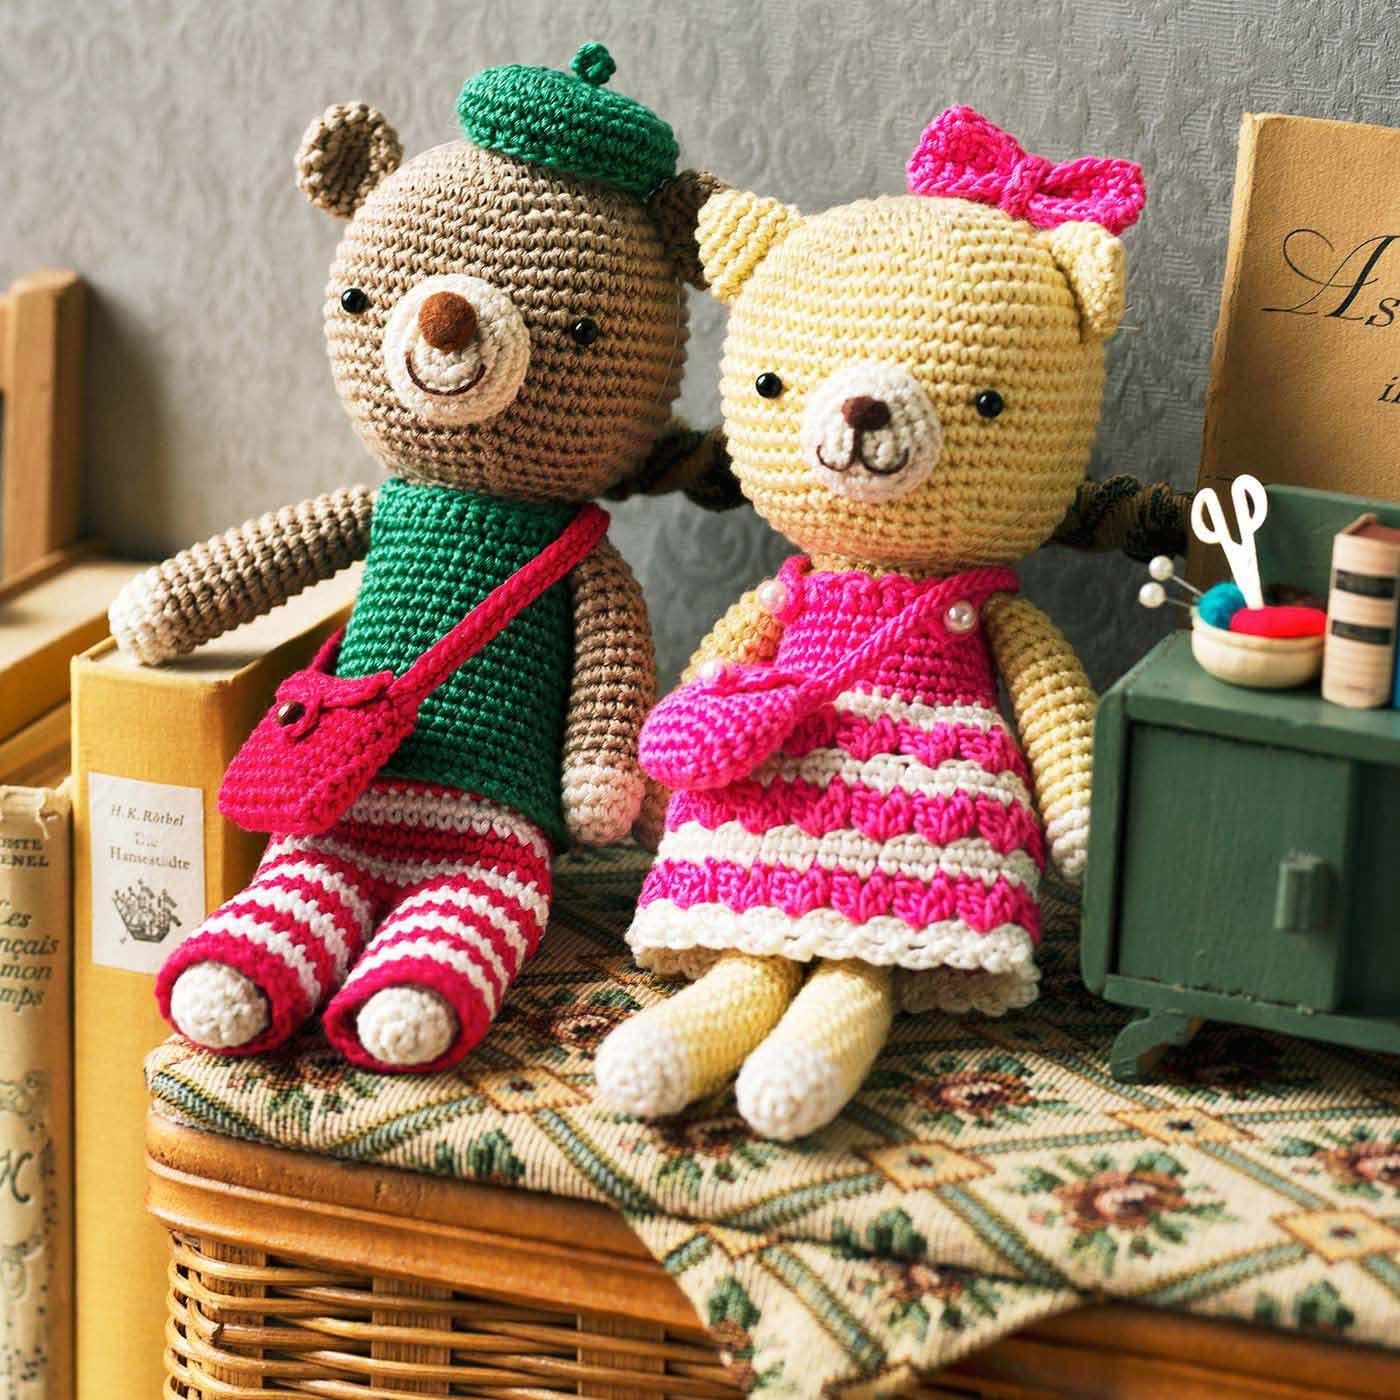 おしゃれなアニマルファッションショー コットン糸の着せかえ編みぐるみ